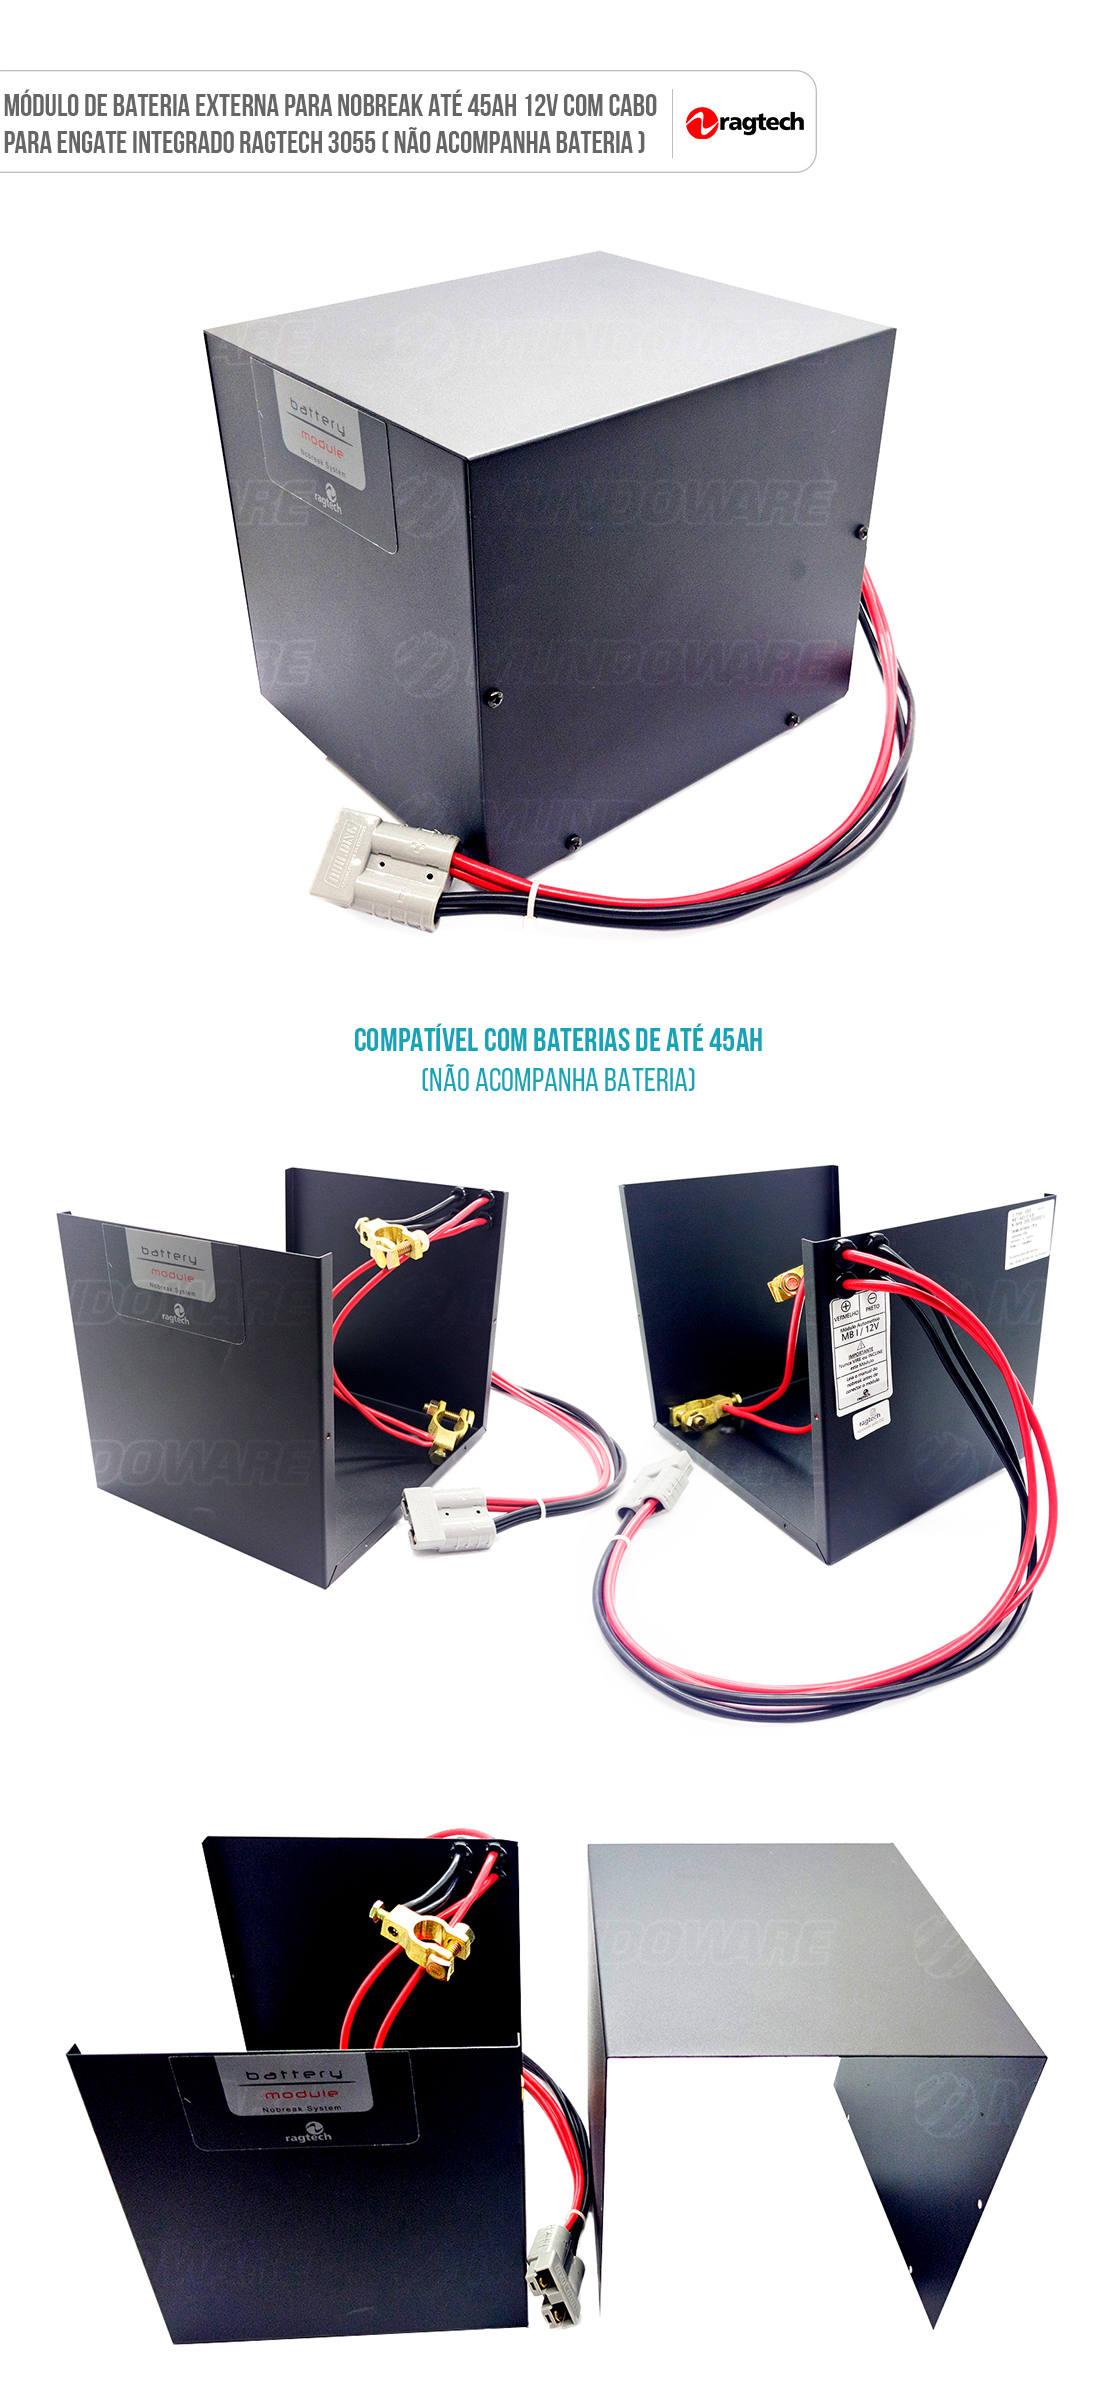 Módulo para Bateria de Nobreak externa com cabo de conexão integrado